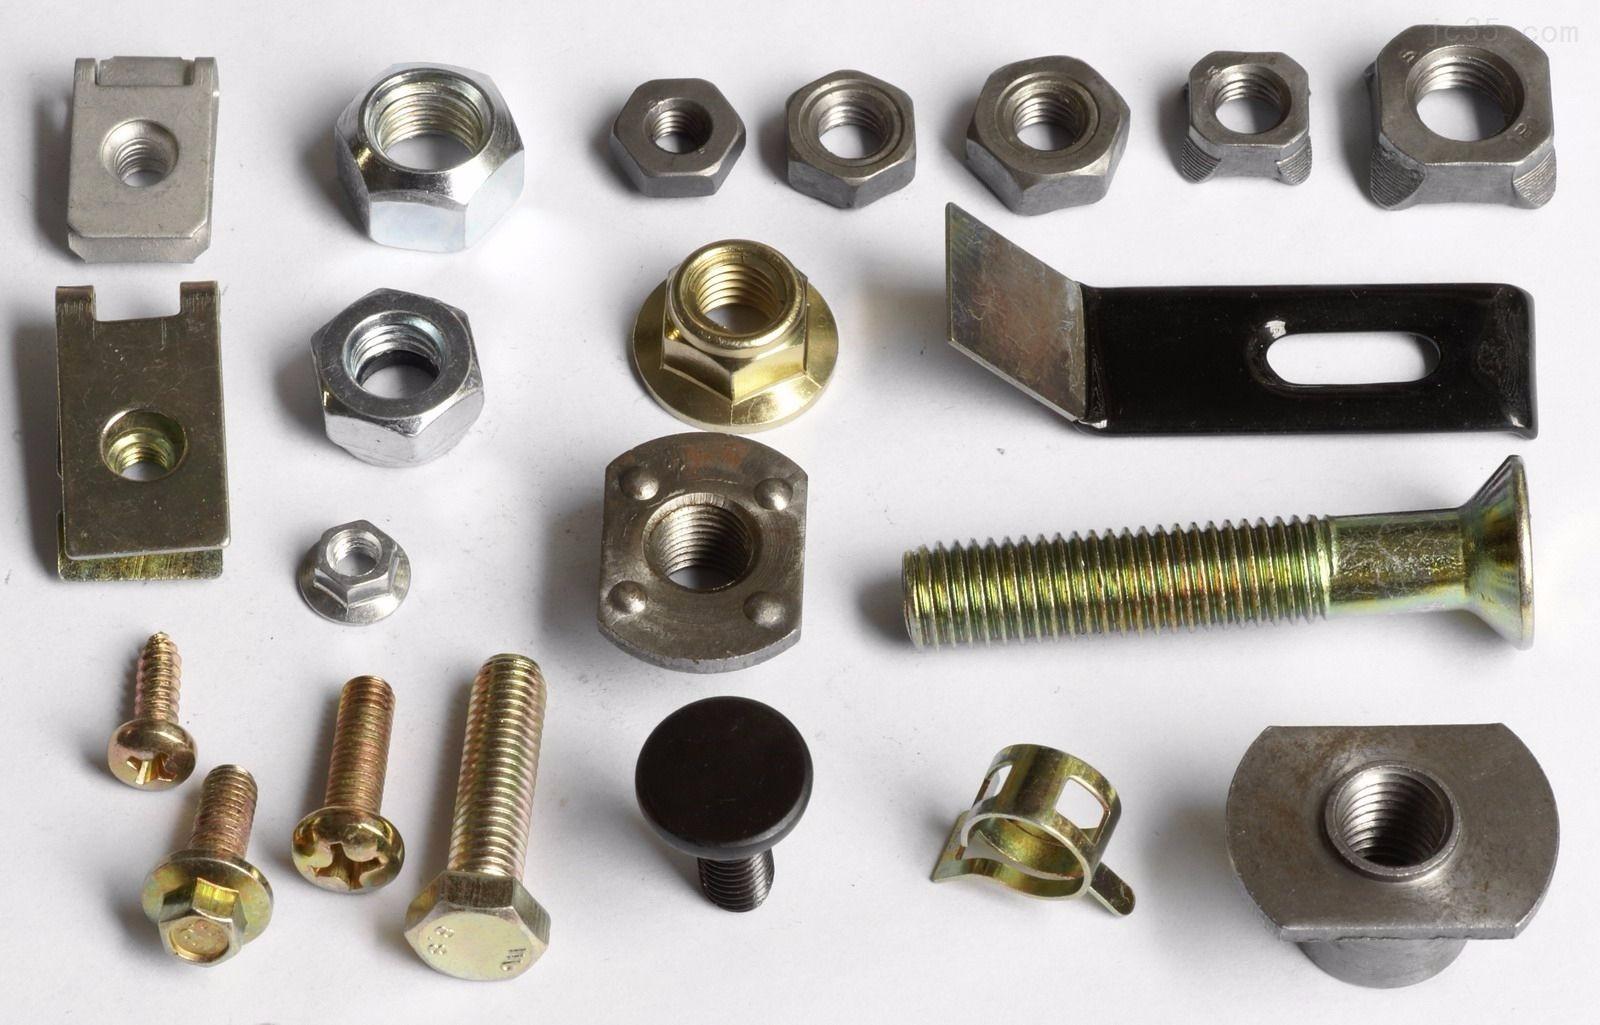 Traitement thermique et attaches à haute résistance (résistance) Deux conditions standard de l'industrie